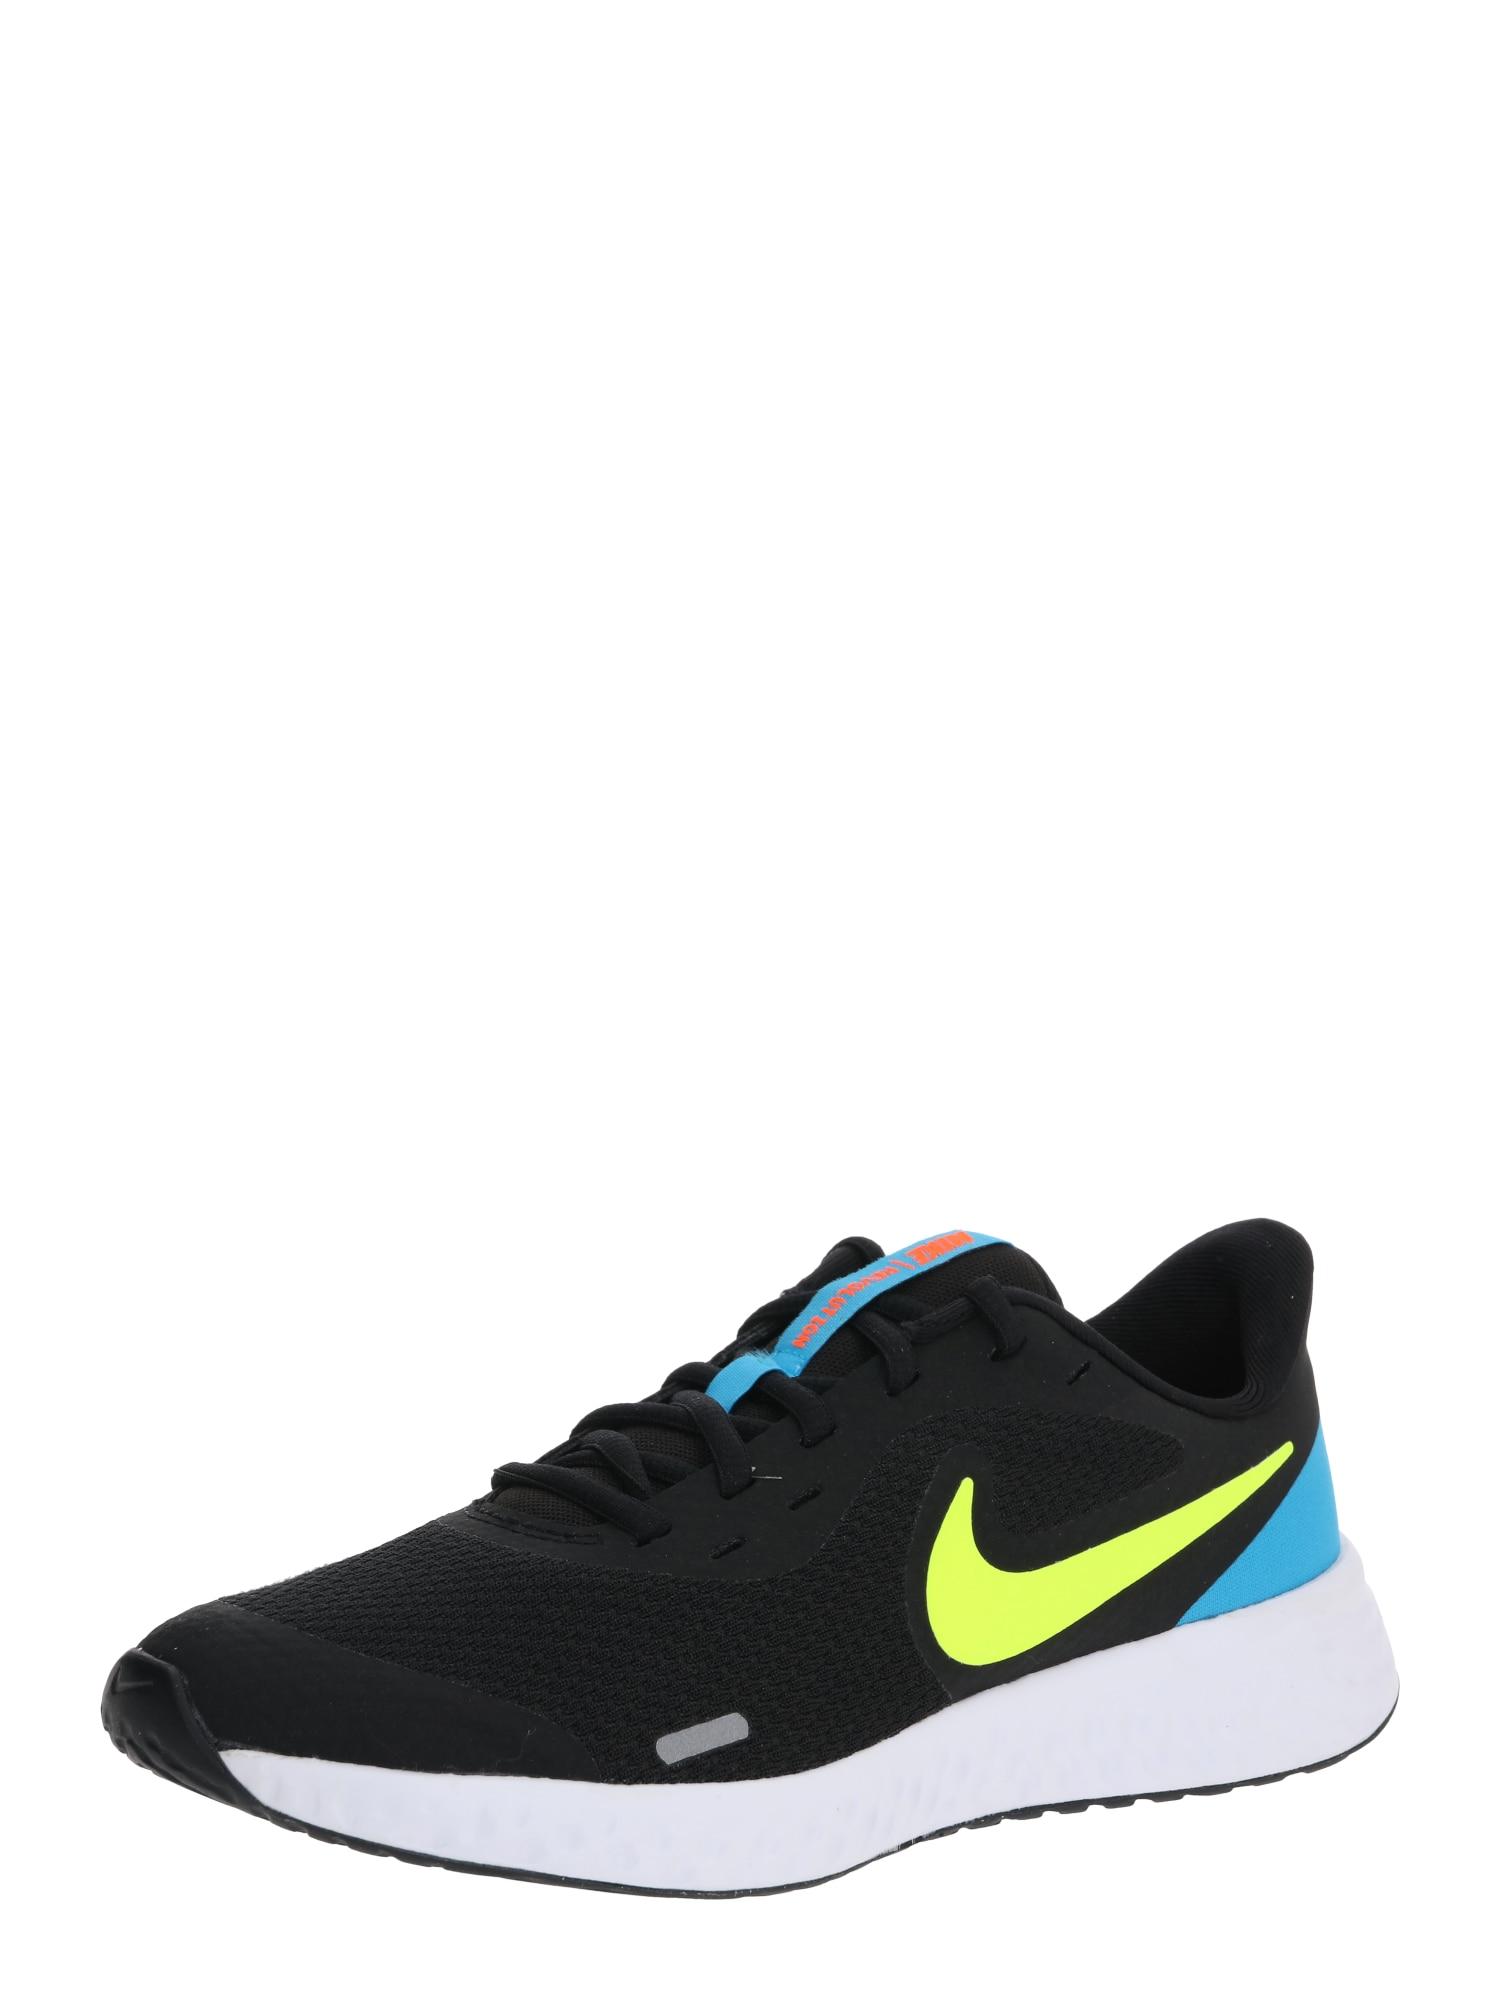 NIKE Sportiniai batai 'Revolution 5' mėlyna / neoninė geltona / juoda